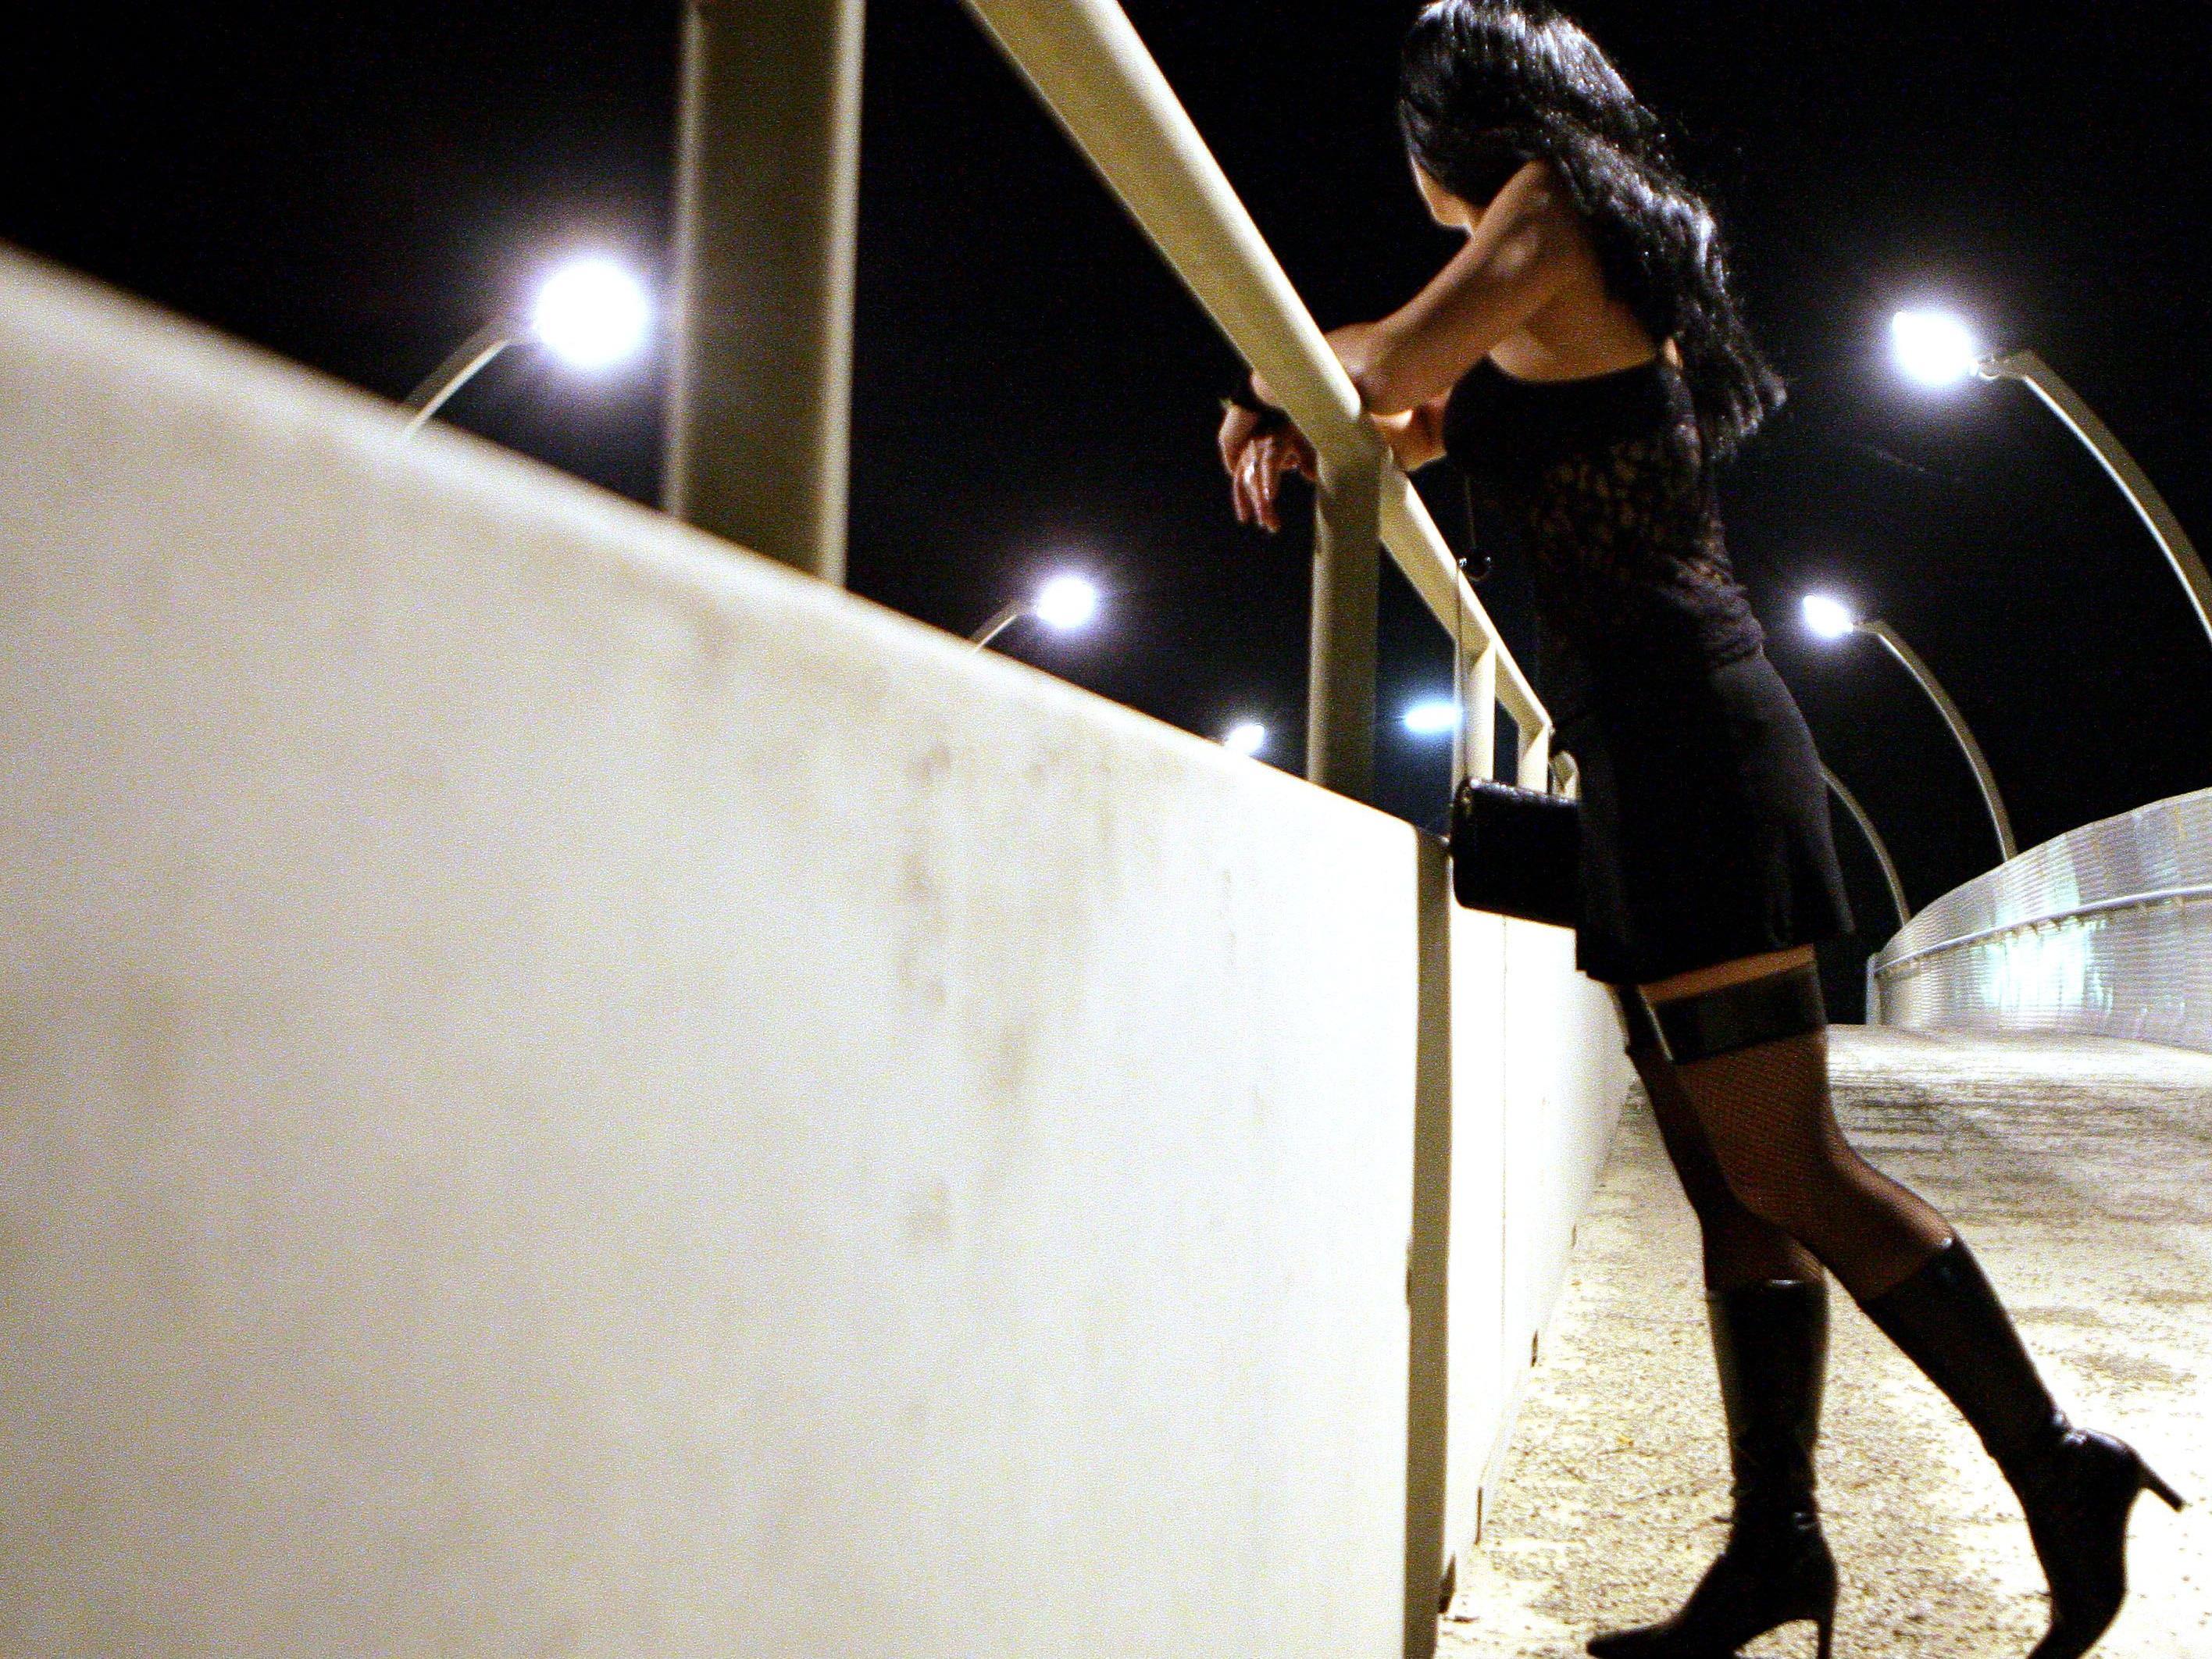 In Wien-Leopoldstadt scheint die illegale Straßenprostitution wieder aufzukeimen.